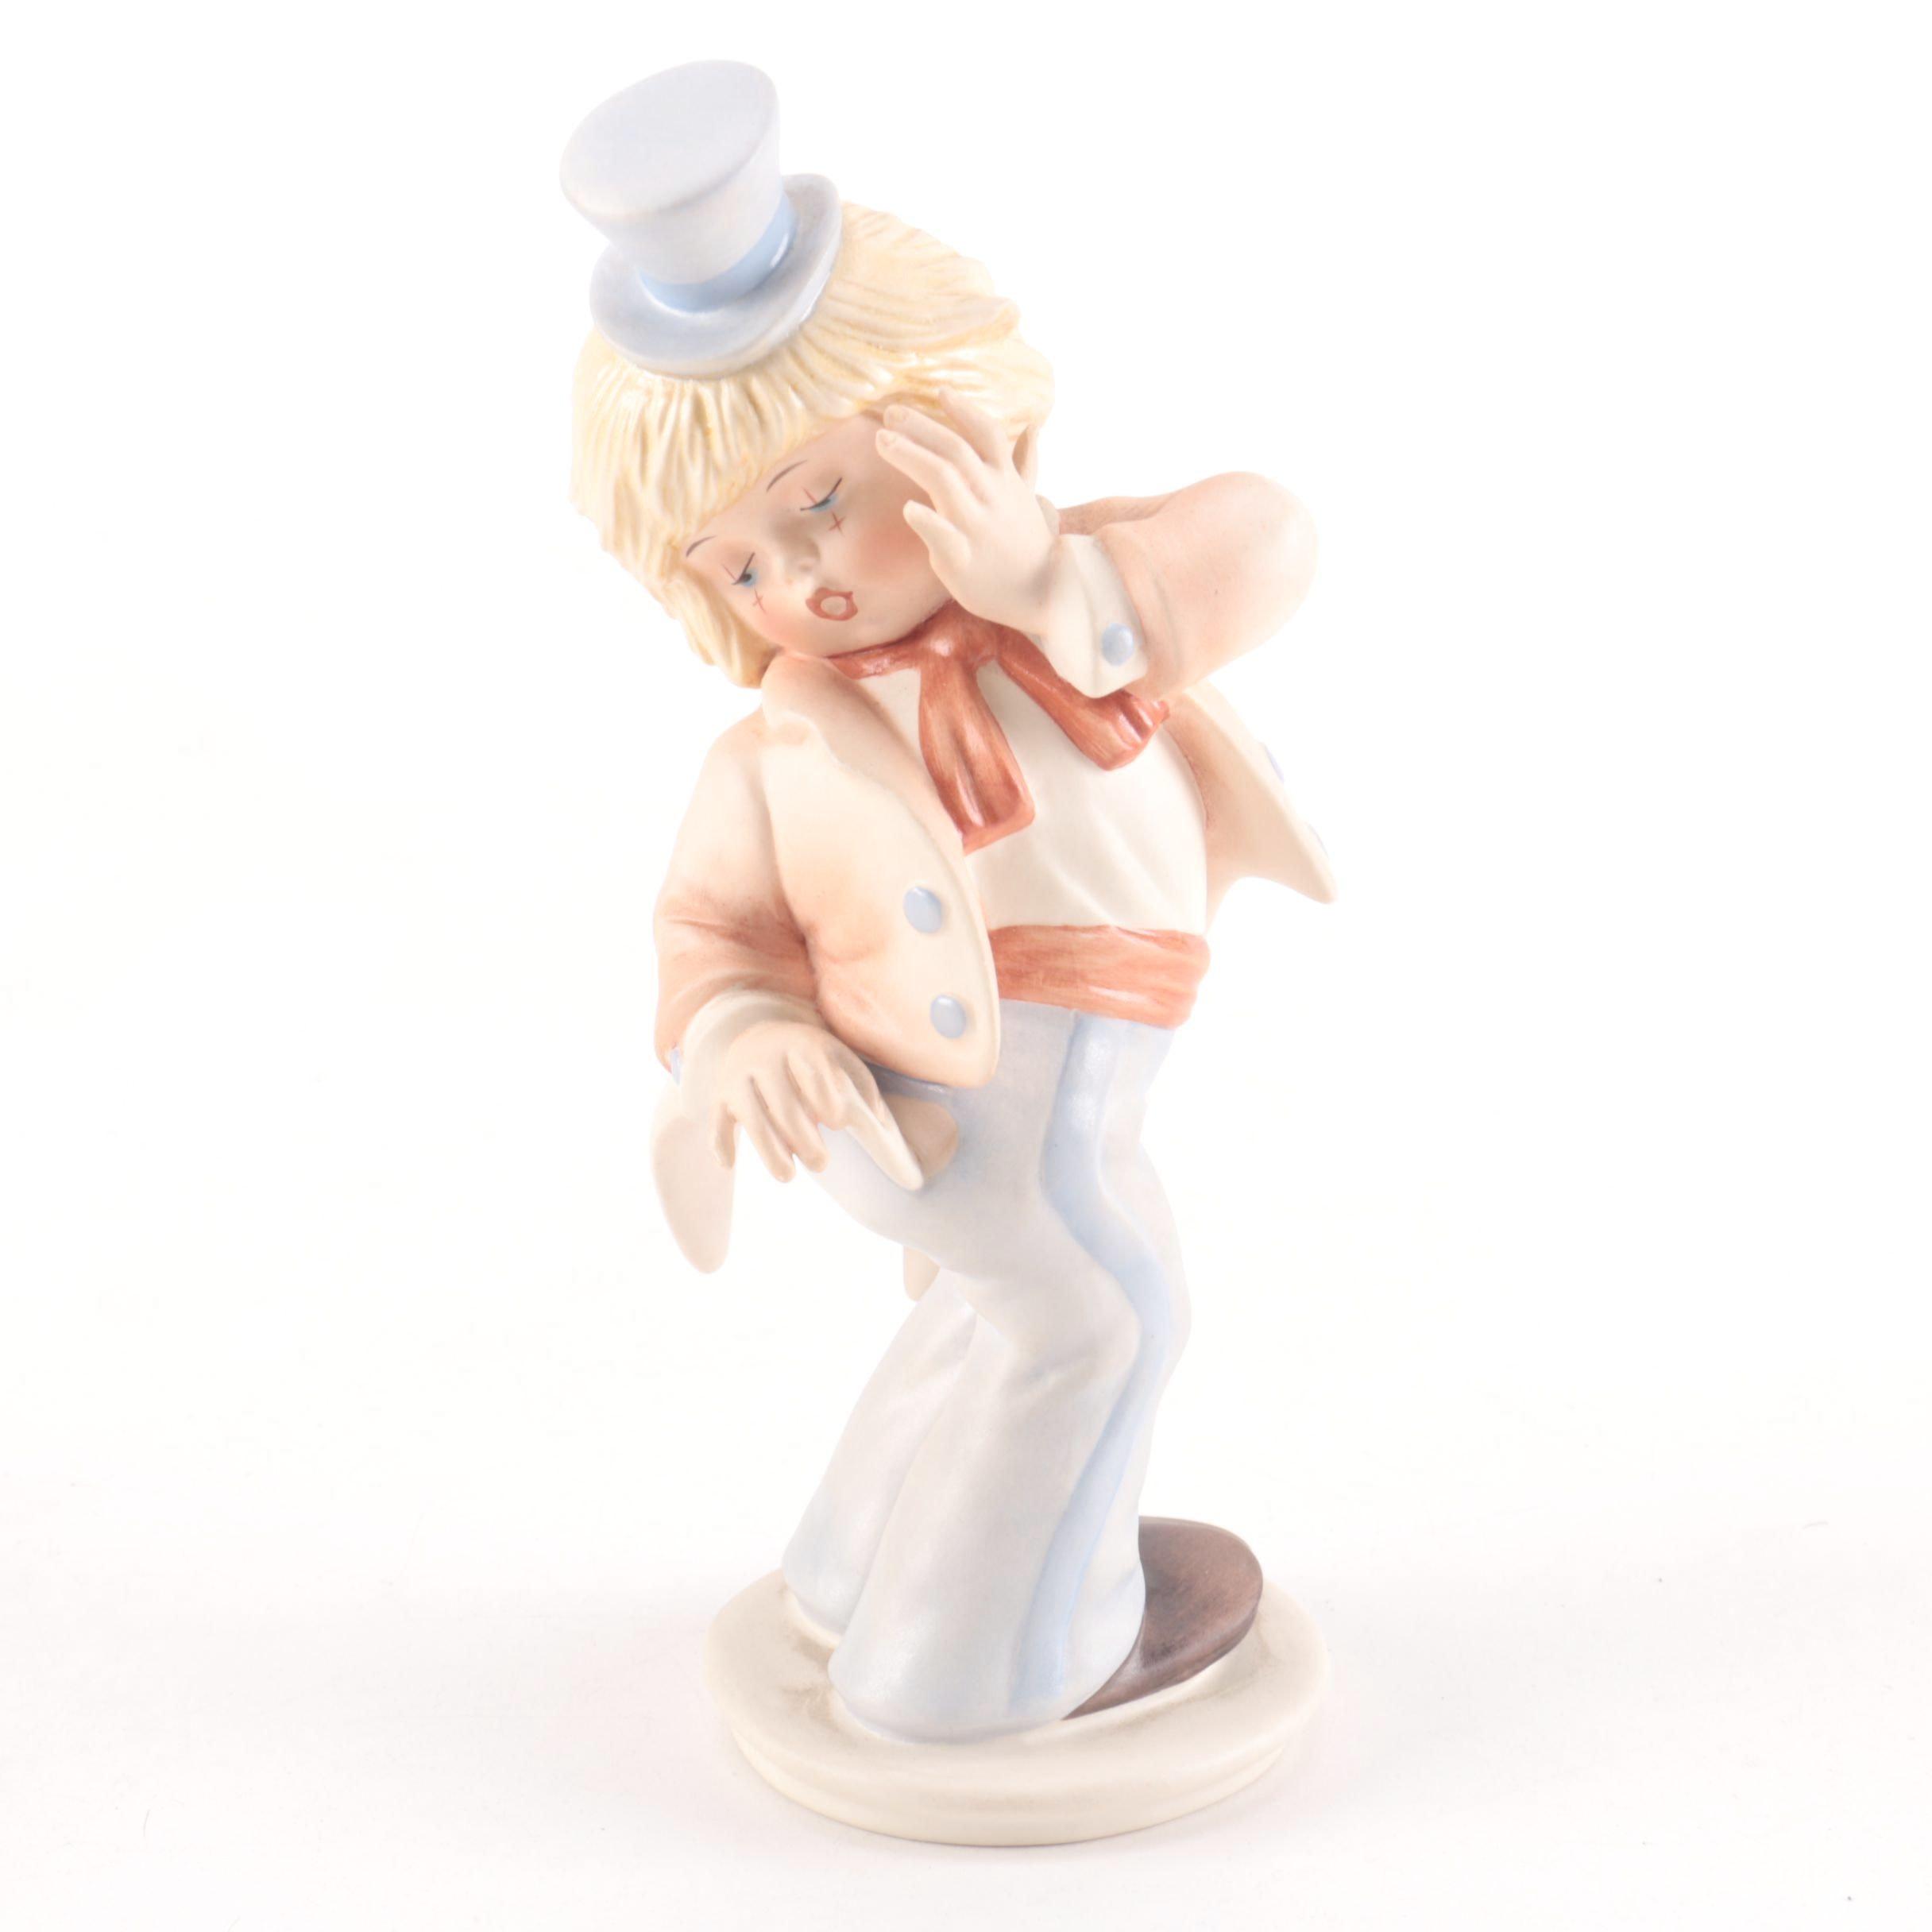 """Limited Edition Goebel Ceramic Figurine """"Oops!"""" by Gerhard Skrobek"""